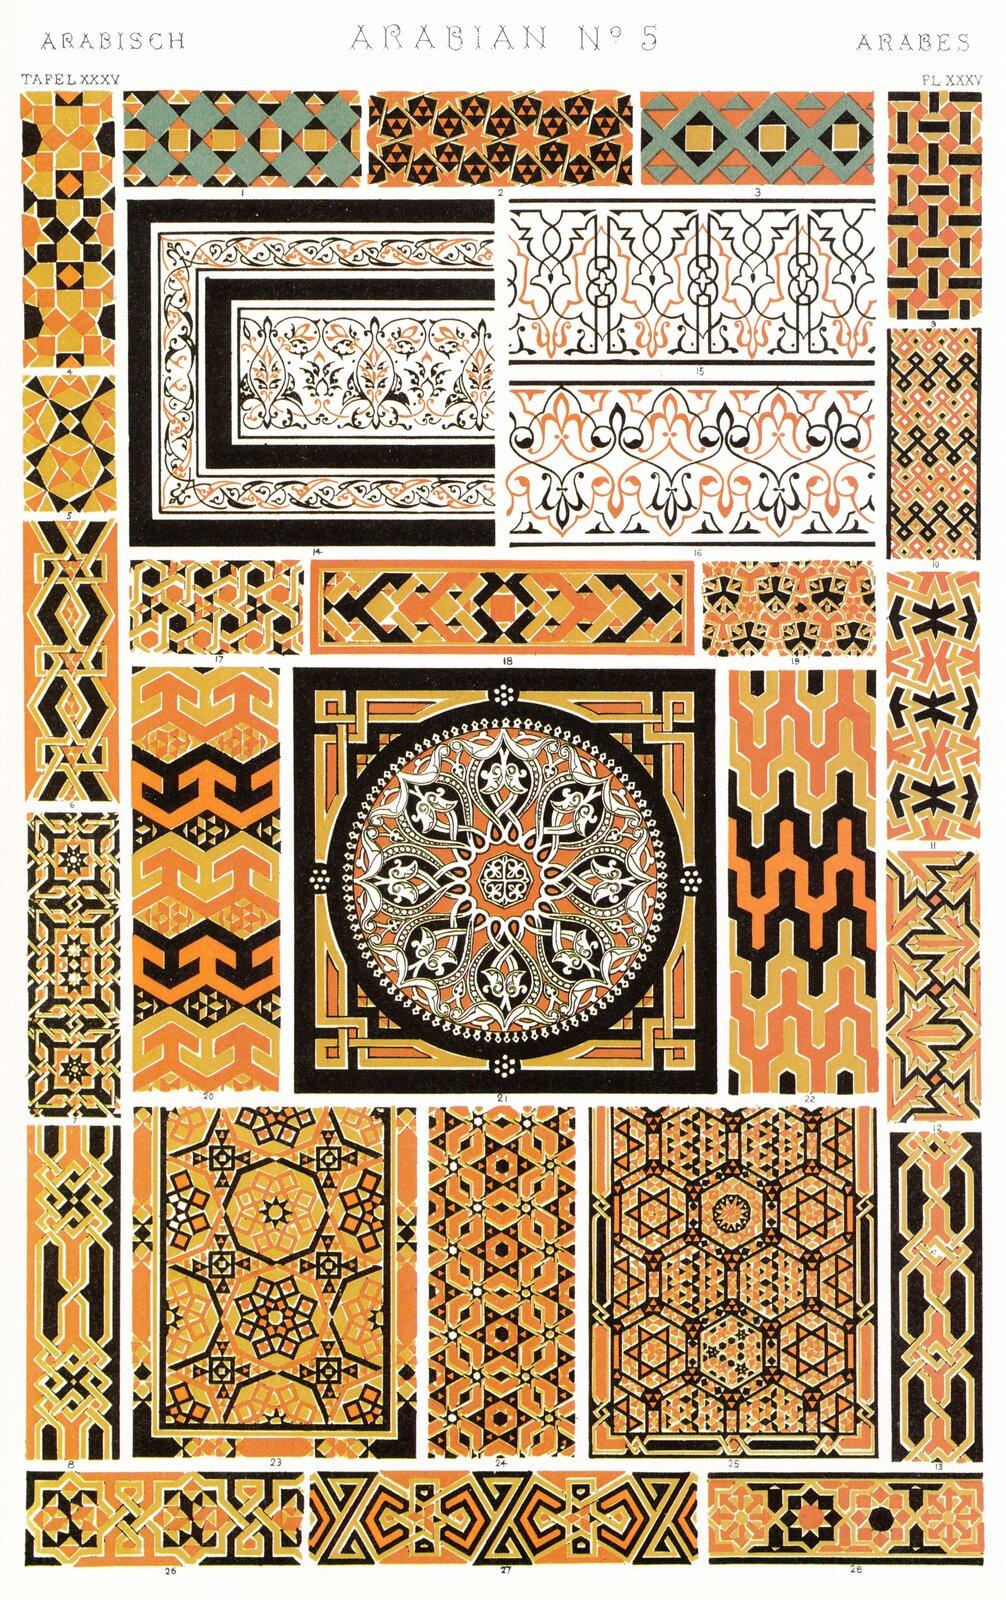 """Ilustracja przedstawia """"The Grammar of Ornament"""", czyli wyczerpującą encyklopedię motywów wzorniczych zII połowy XIX wieku. Księgi ornamentów służyły zdobnikom, by mogli wykorzystywać motywy zpoprzednich epok wswoich dziełach. Na fotografii widzimy kolorowe wzory."""